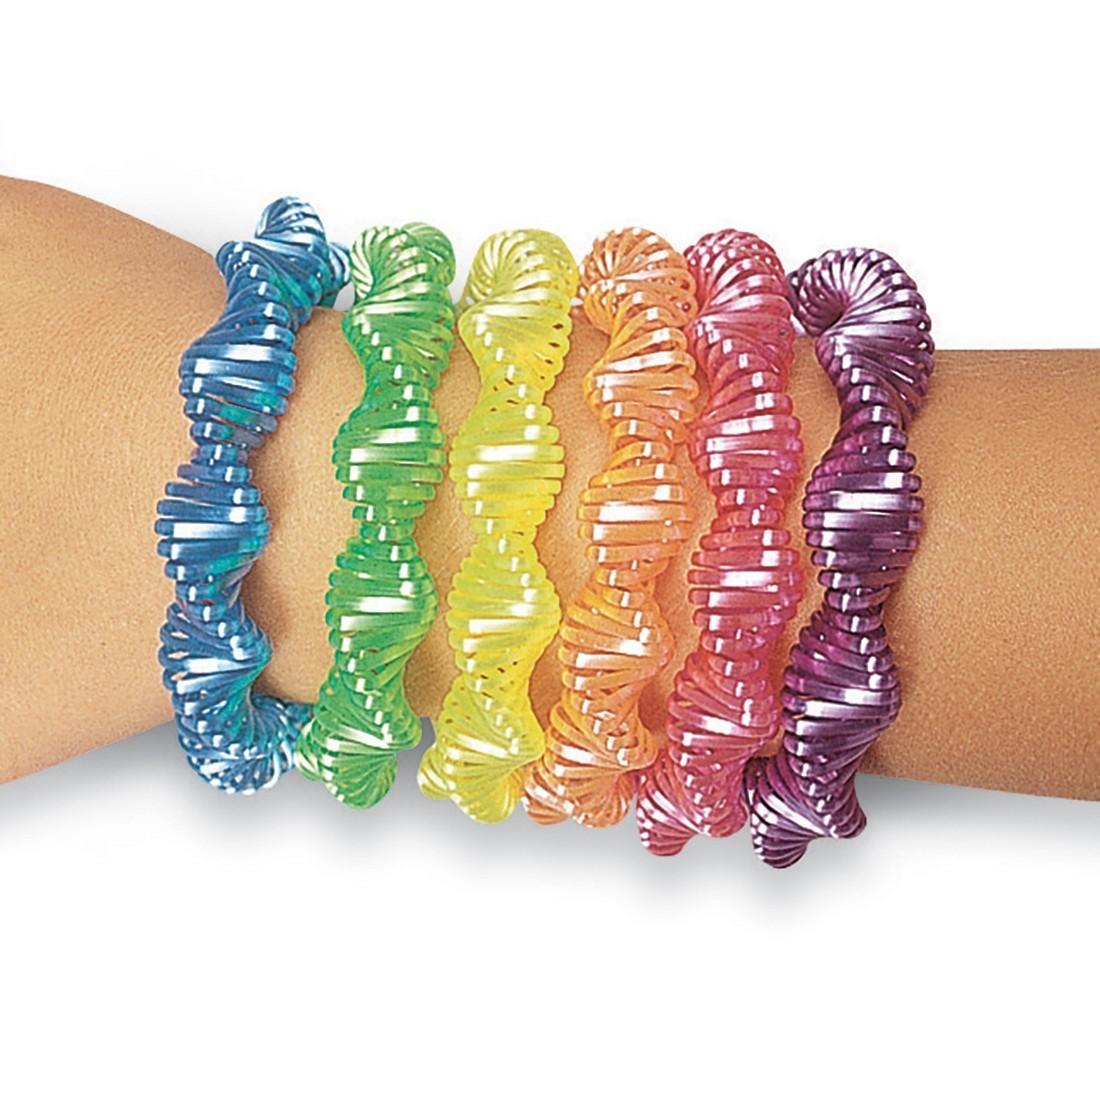 Neon Twist Coil Bracelets [image]